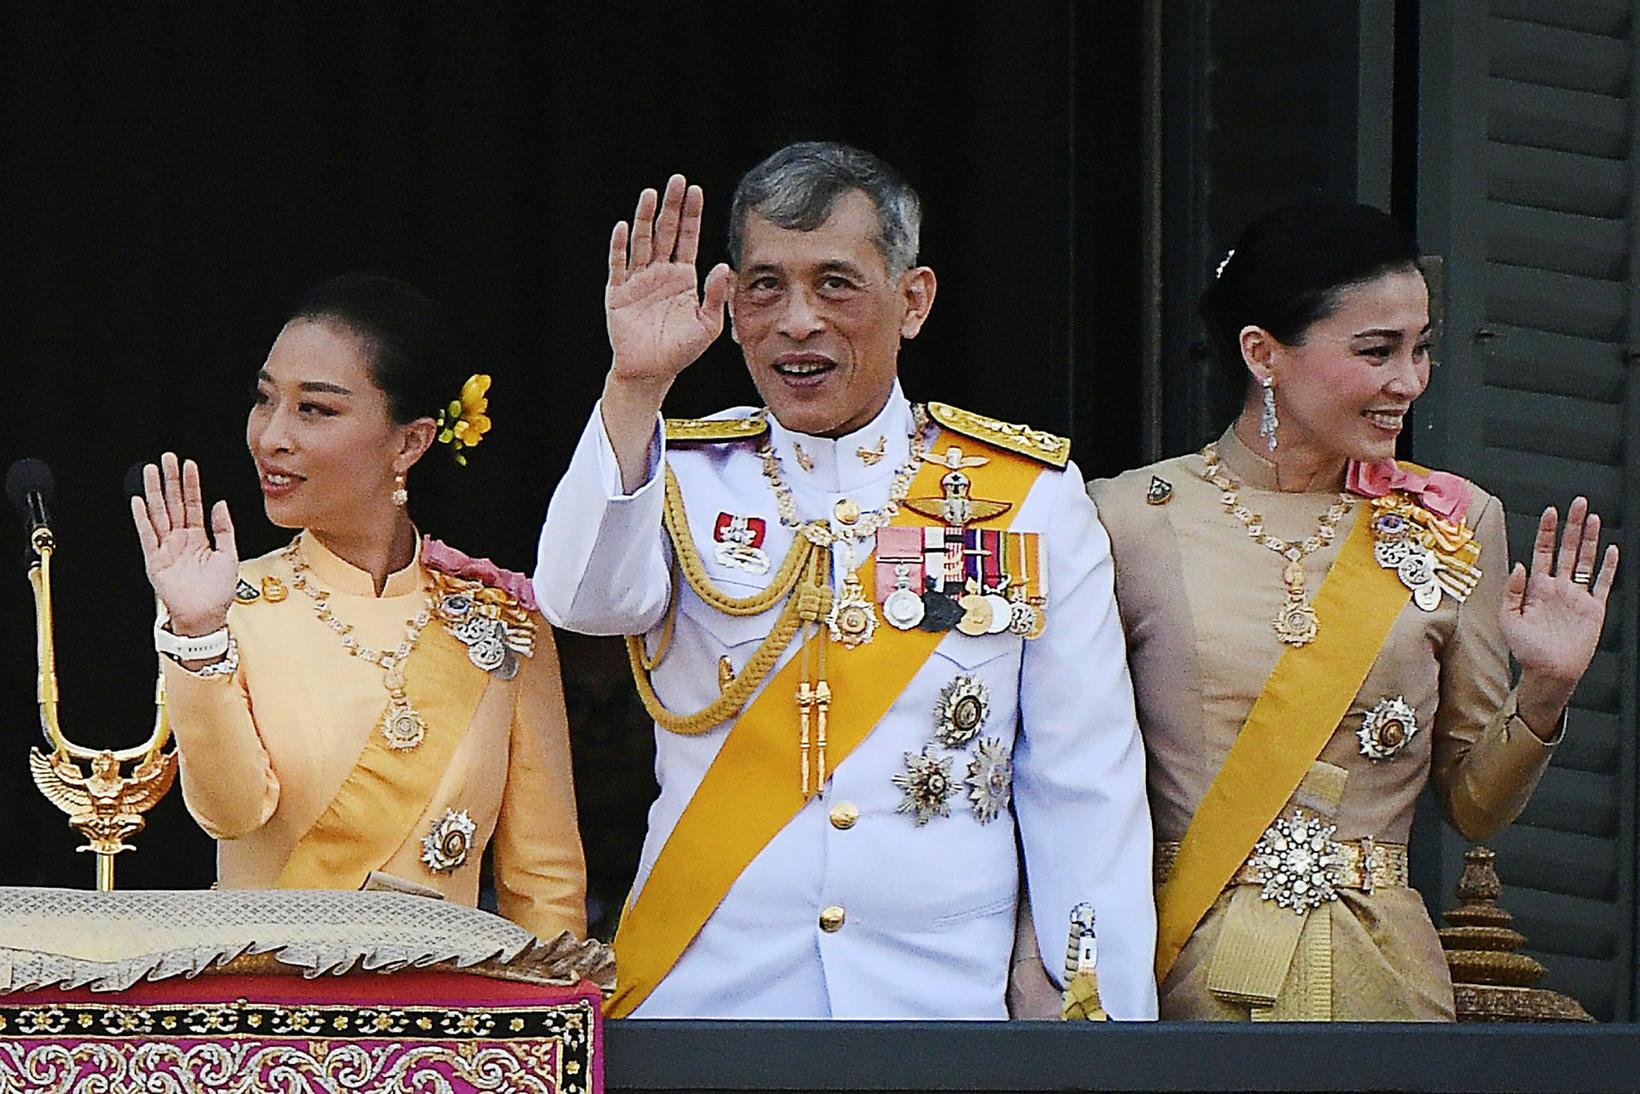 Maha Vajiralongkorn, konungur Taílands, ásamt Suthidu drottningu og dóttur sinni, …